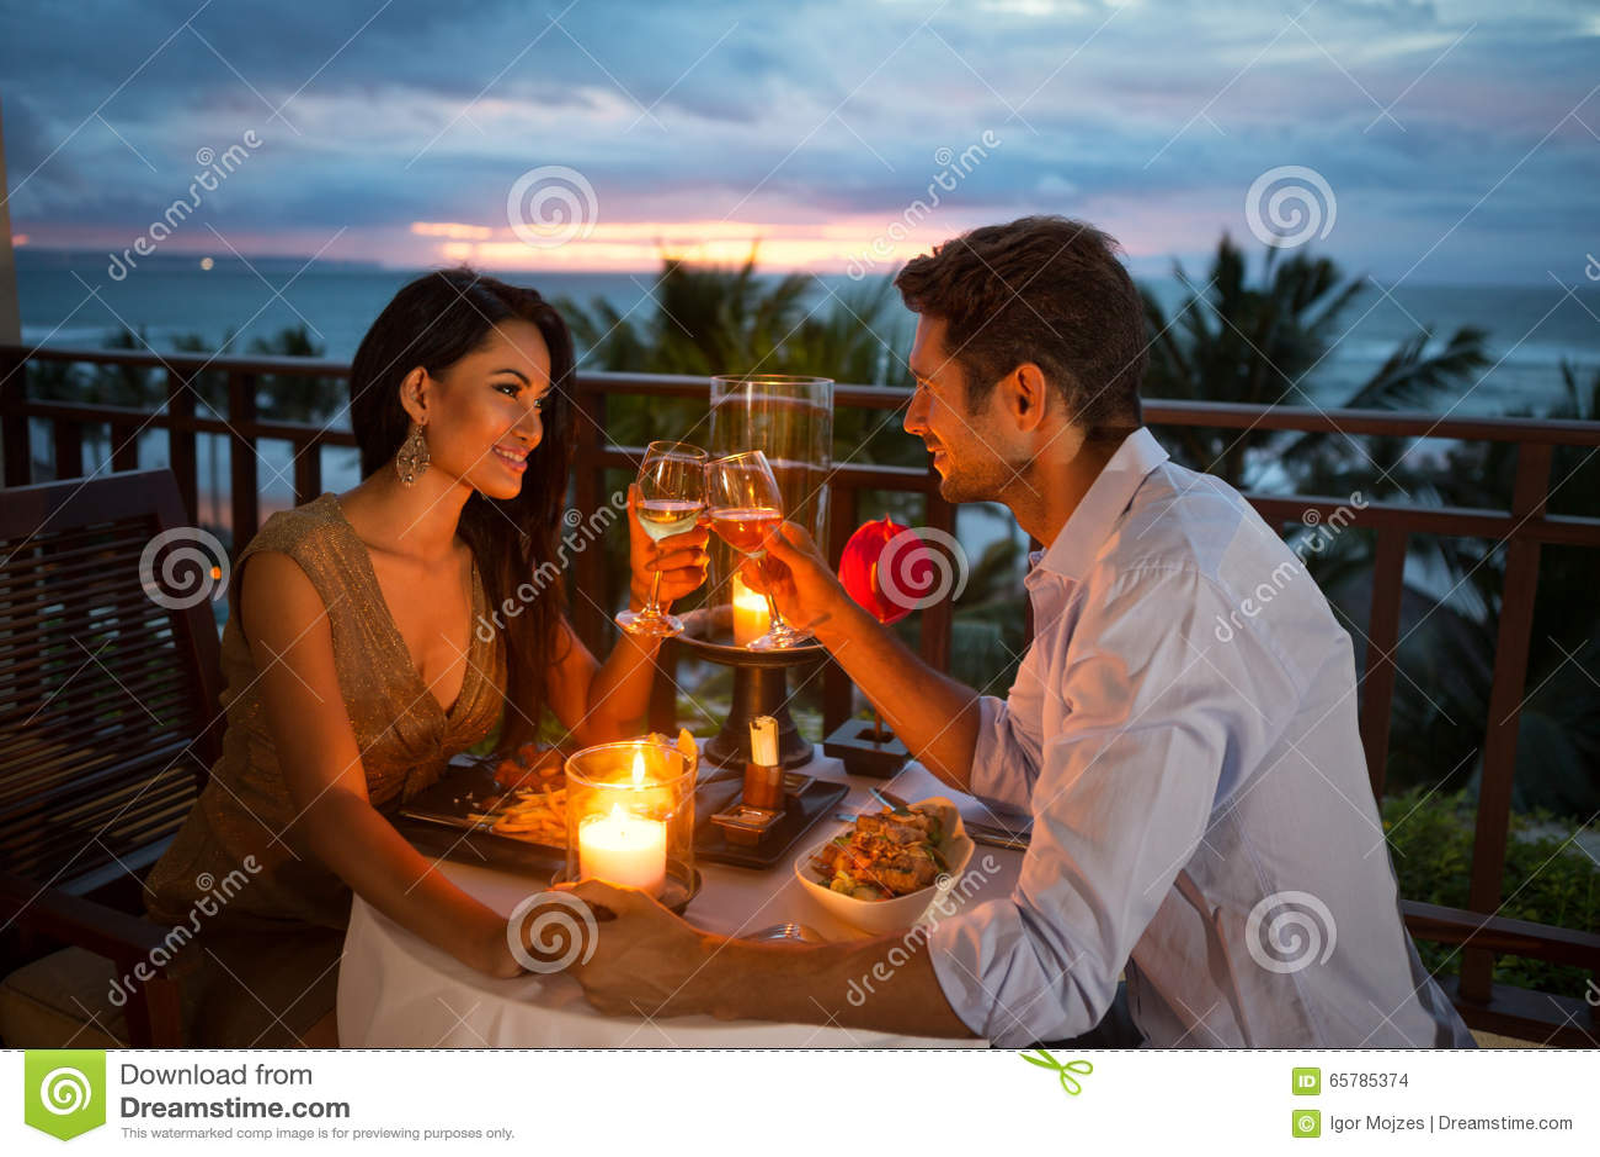 Ζεύγος που απολαμβάνεται ένα ρομαντικό γεύμα από το φως ιστιοφόρου